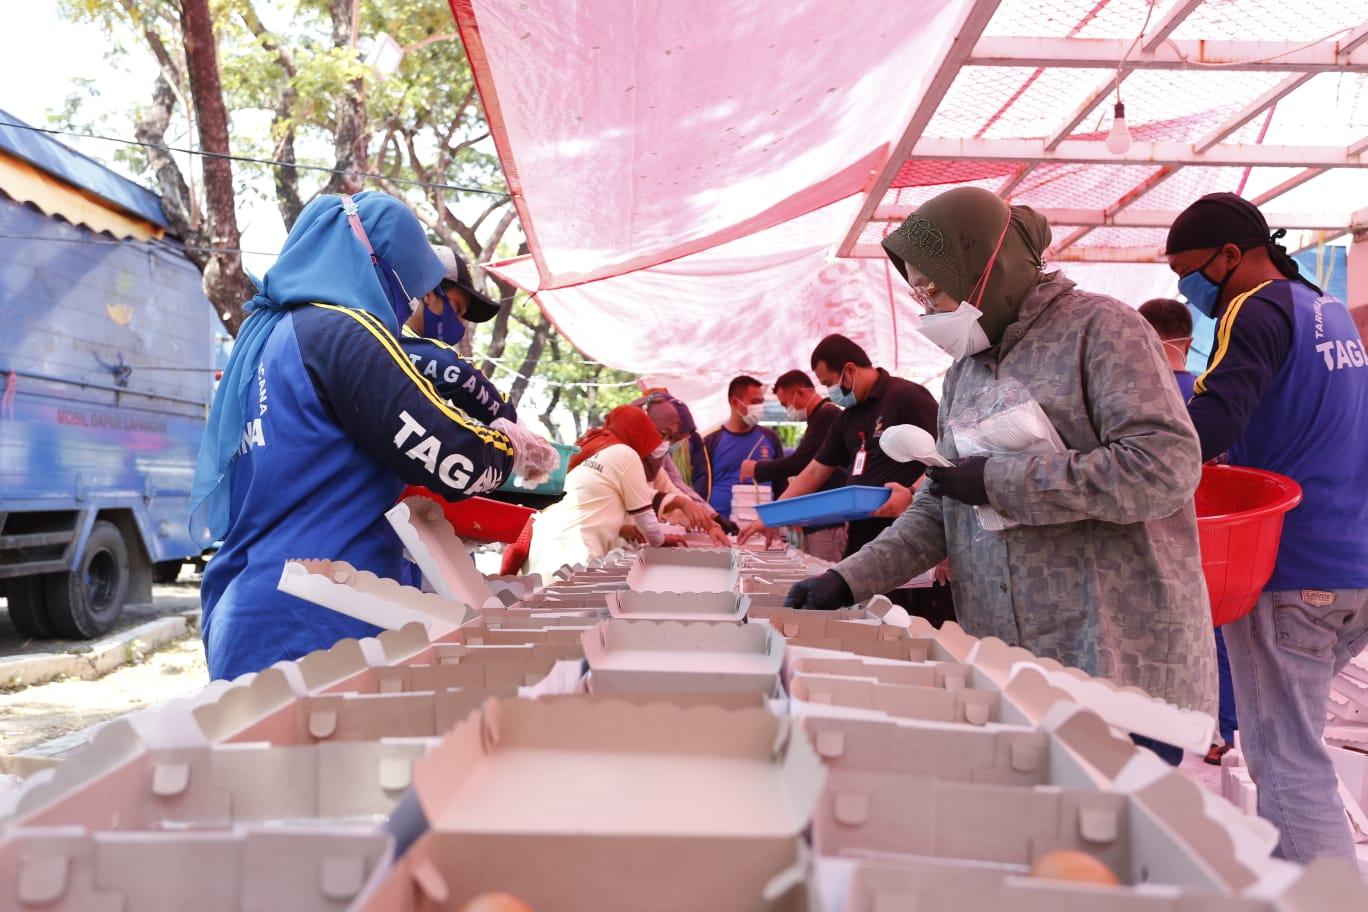 Mensos Sidak Dapur Umum Surabaya, Pastikan Dukungan Permakanan untuk Masyarakat Terdampak Pandemi